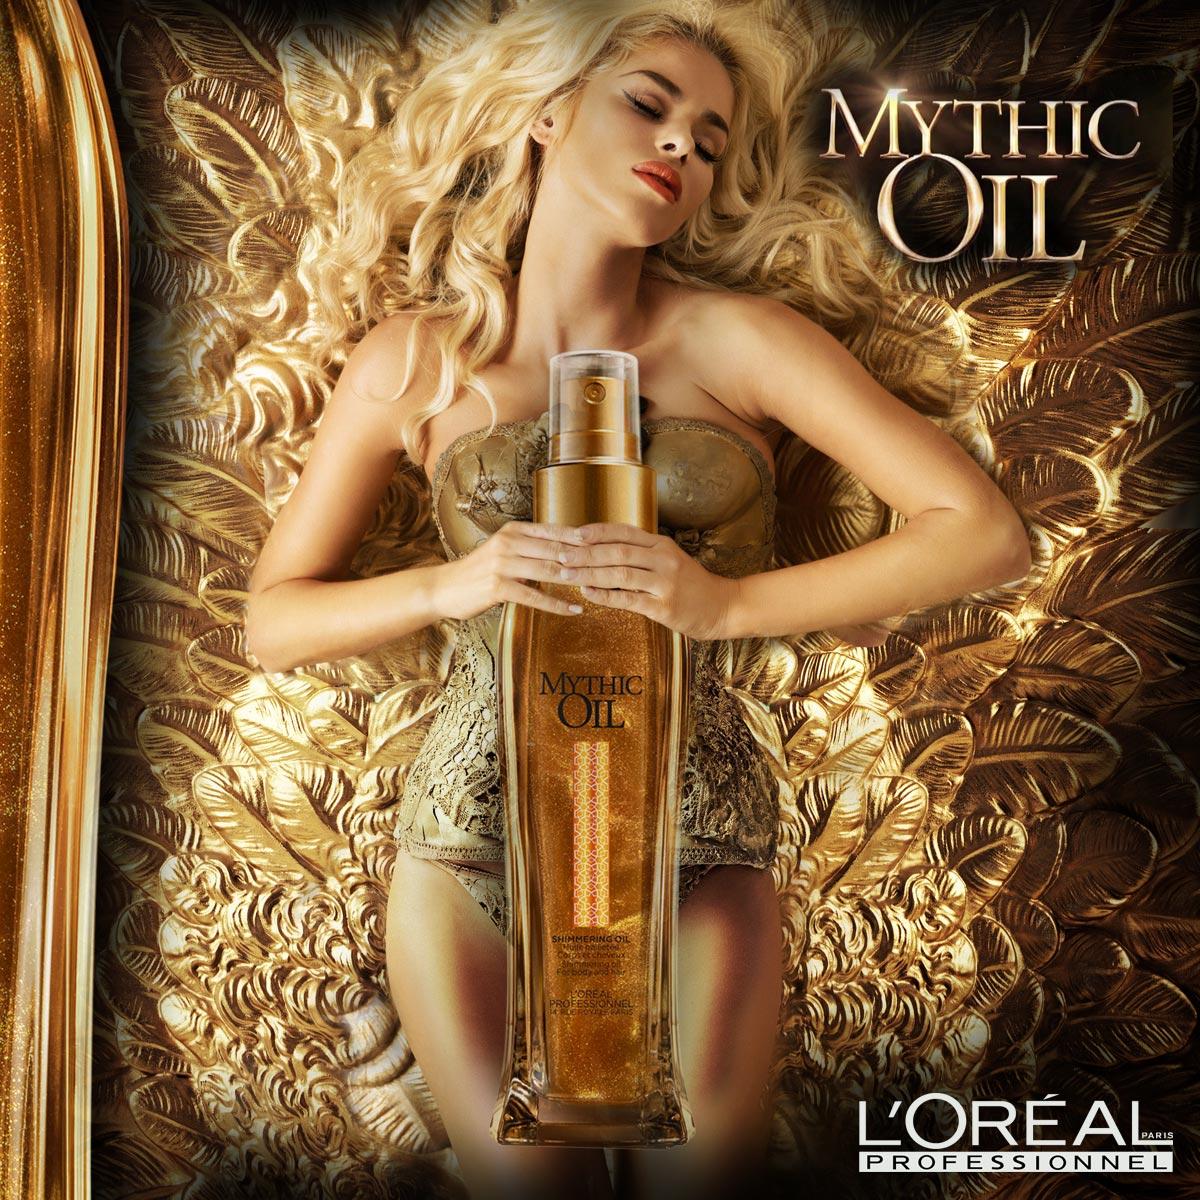 Vlasový olej Shimmering Oil patří do úspěšné vlasové kosmetiky Mythic Oil a vyniká svými zlatými odlesky. Používá se nejen na vlasy, ale na pokožku celého těla.